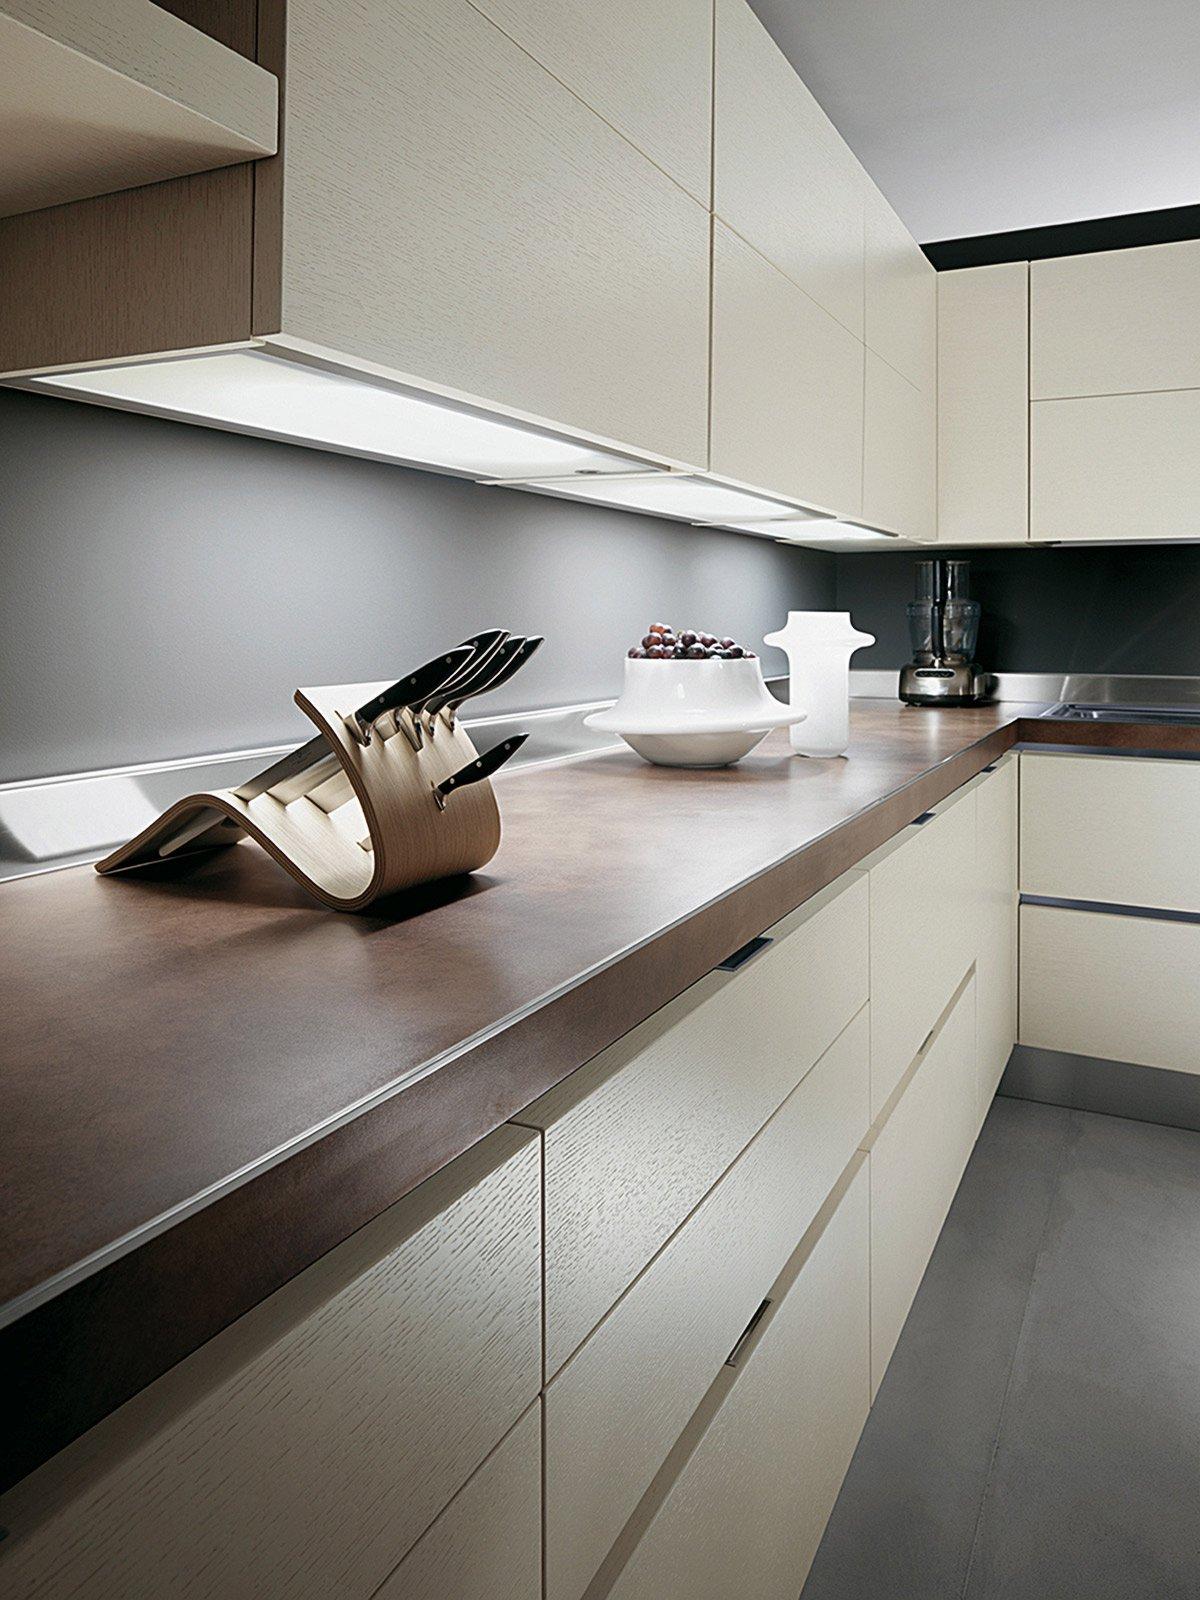 Cucina tante soluzioni per illuminarla cose di casa - Ikea illuminazione sottopensile cucina ...